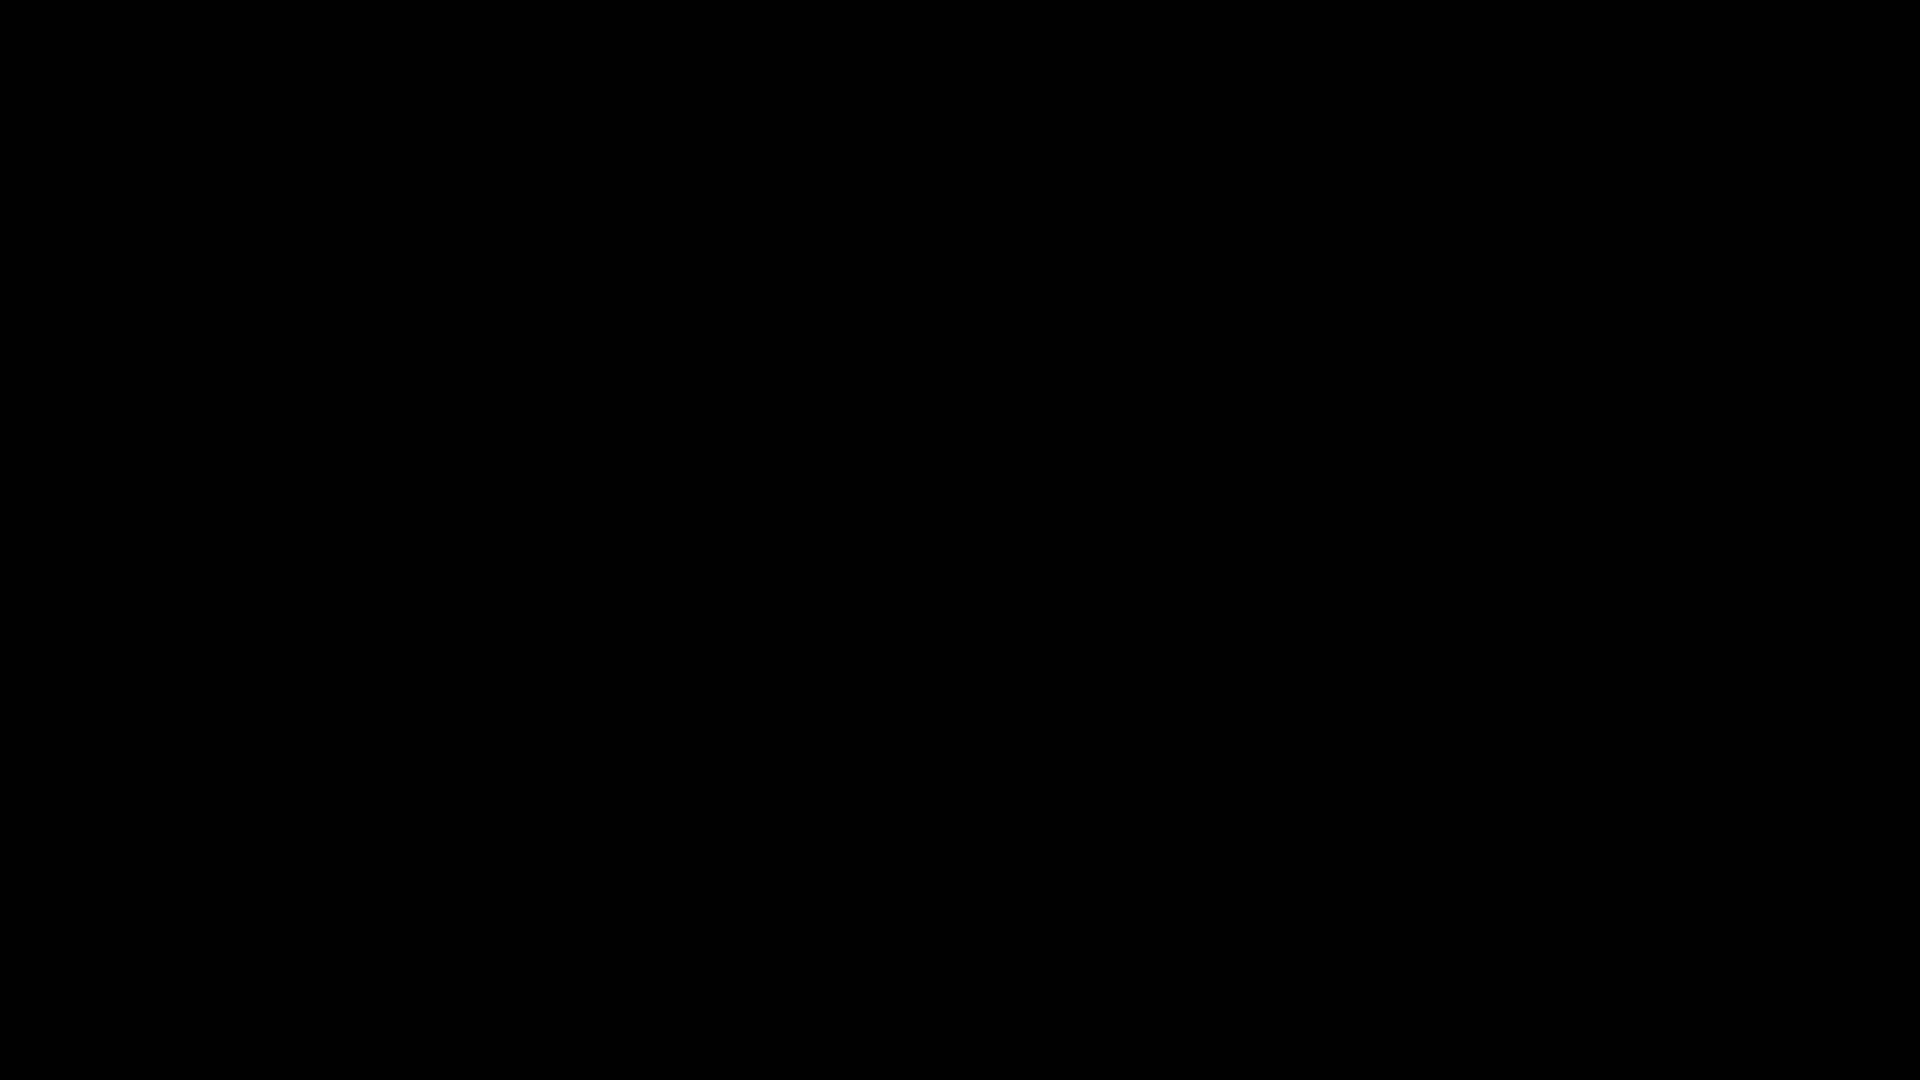 イケメン発情痴帯01 フェラ天国 ゲイエロ画像 102pic 31